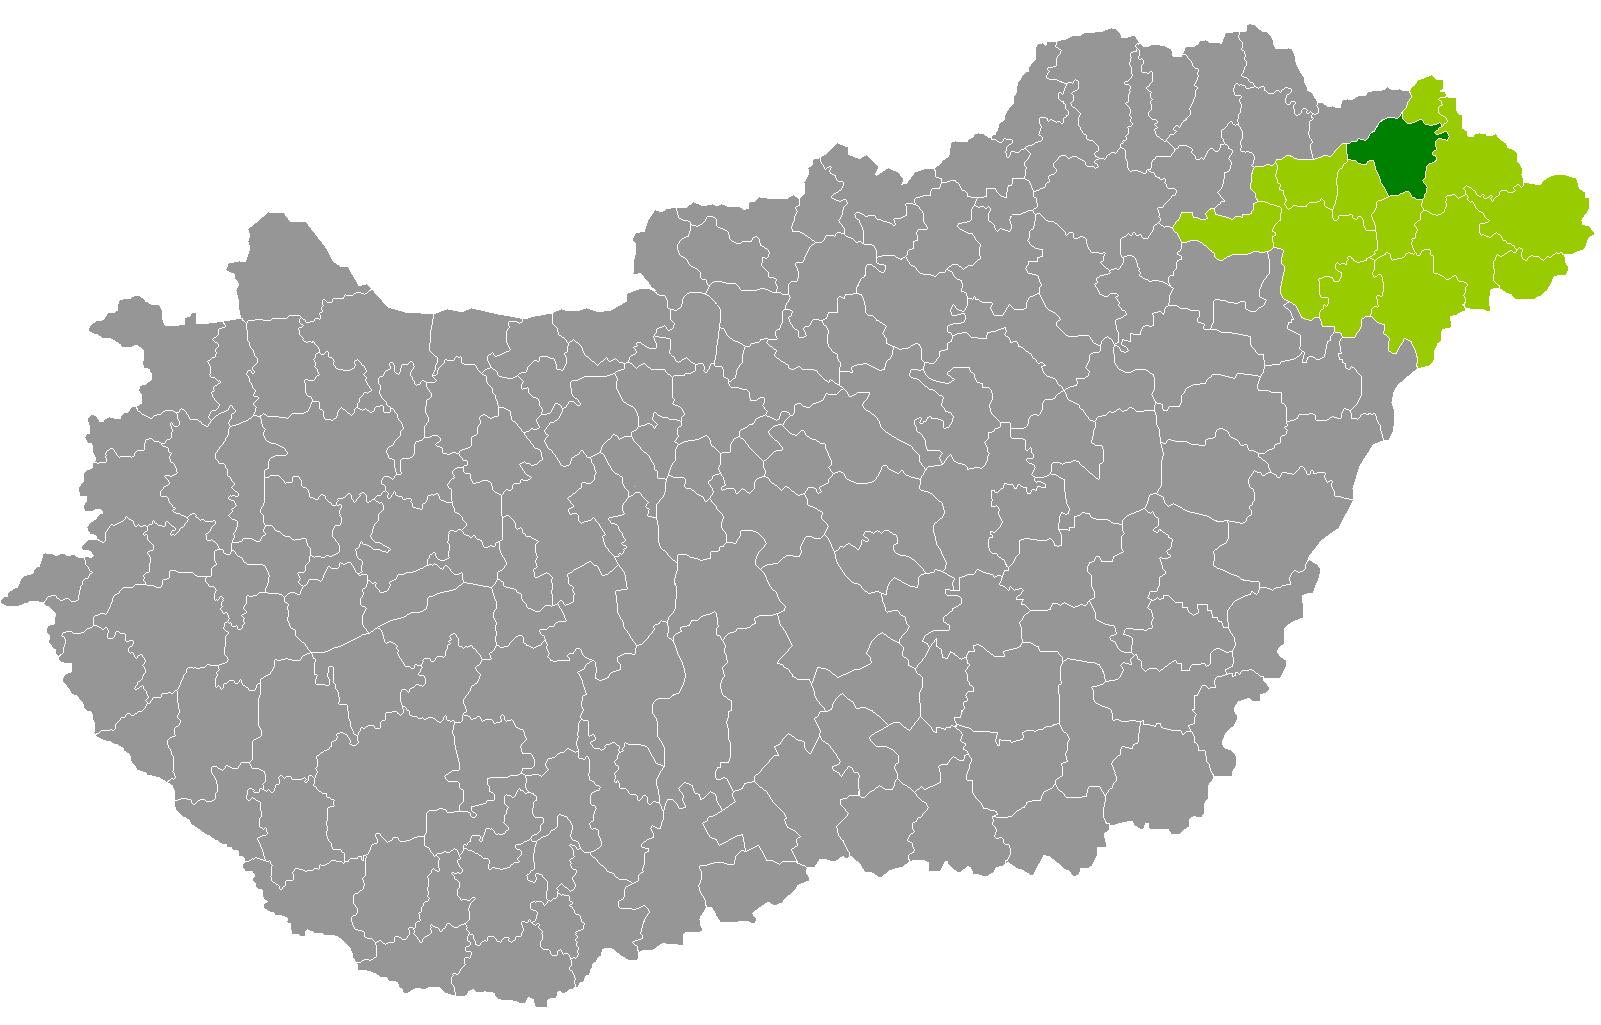 kisvárda térkép File:Kisvárdai járás.png   Wikimedia Commons kisvárda térkép